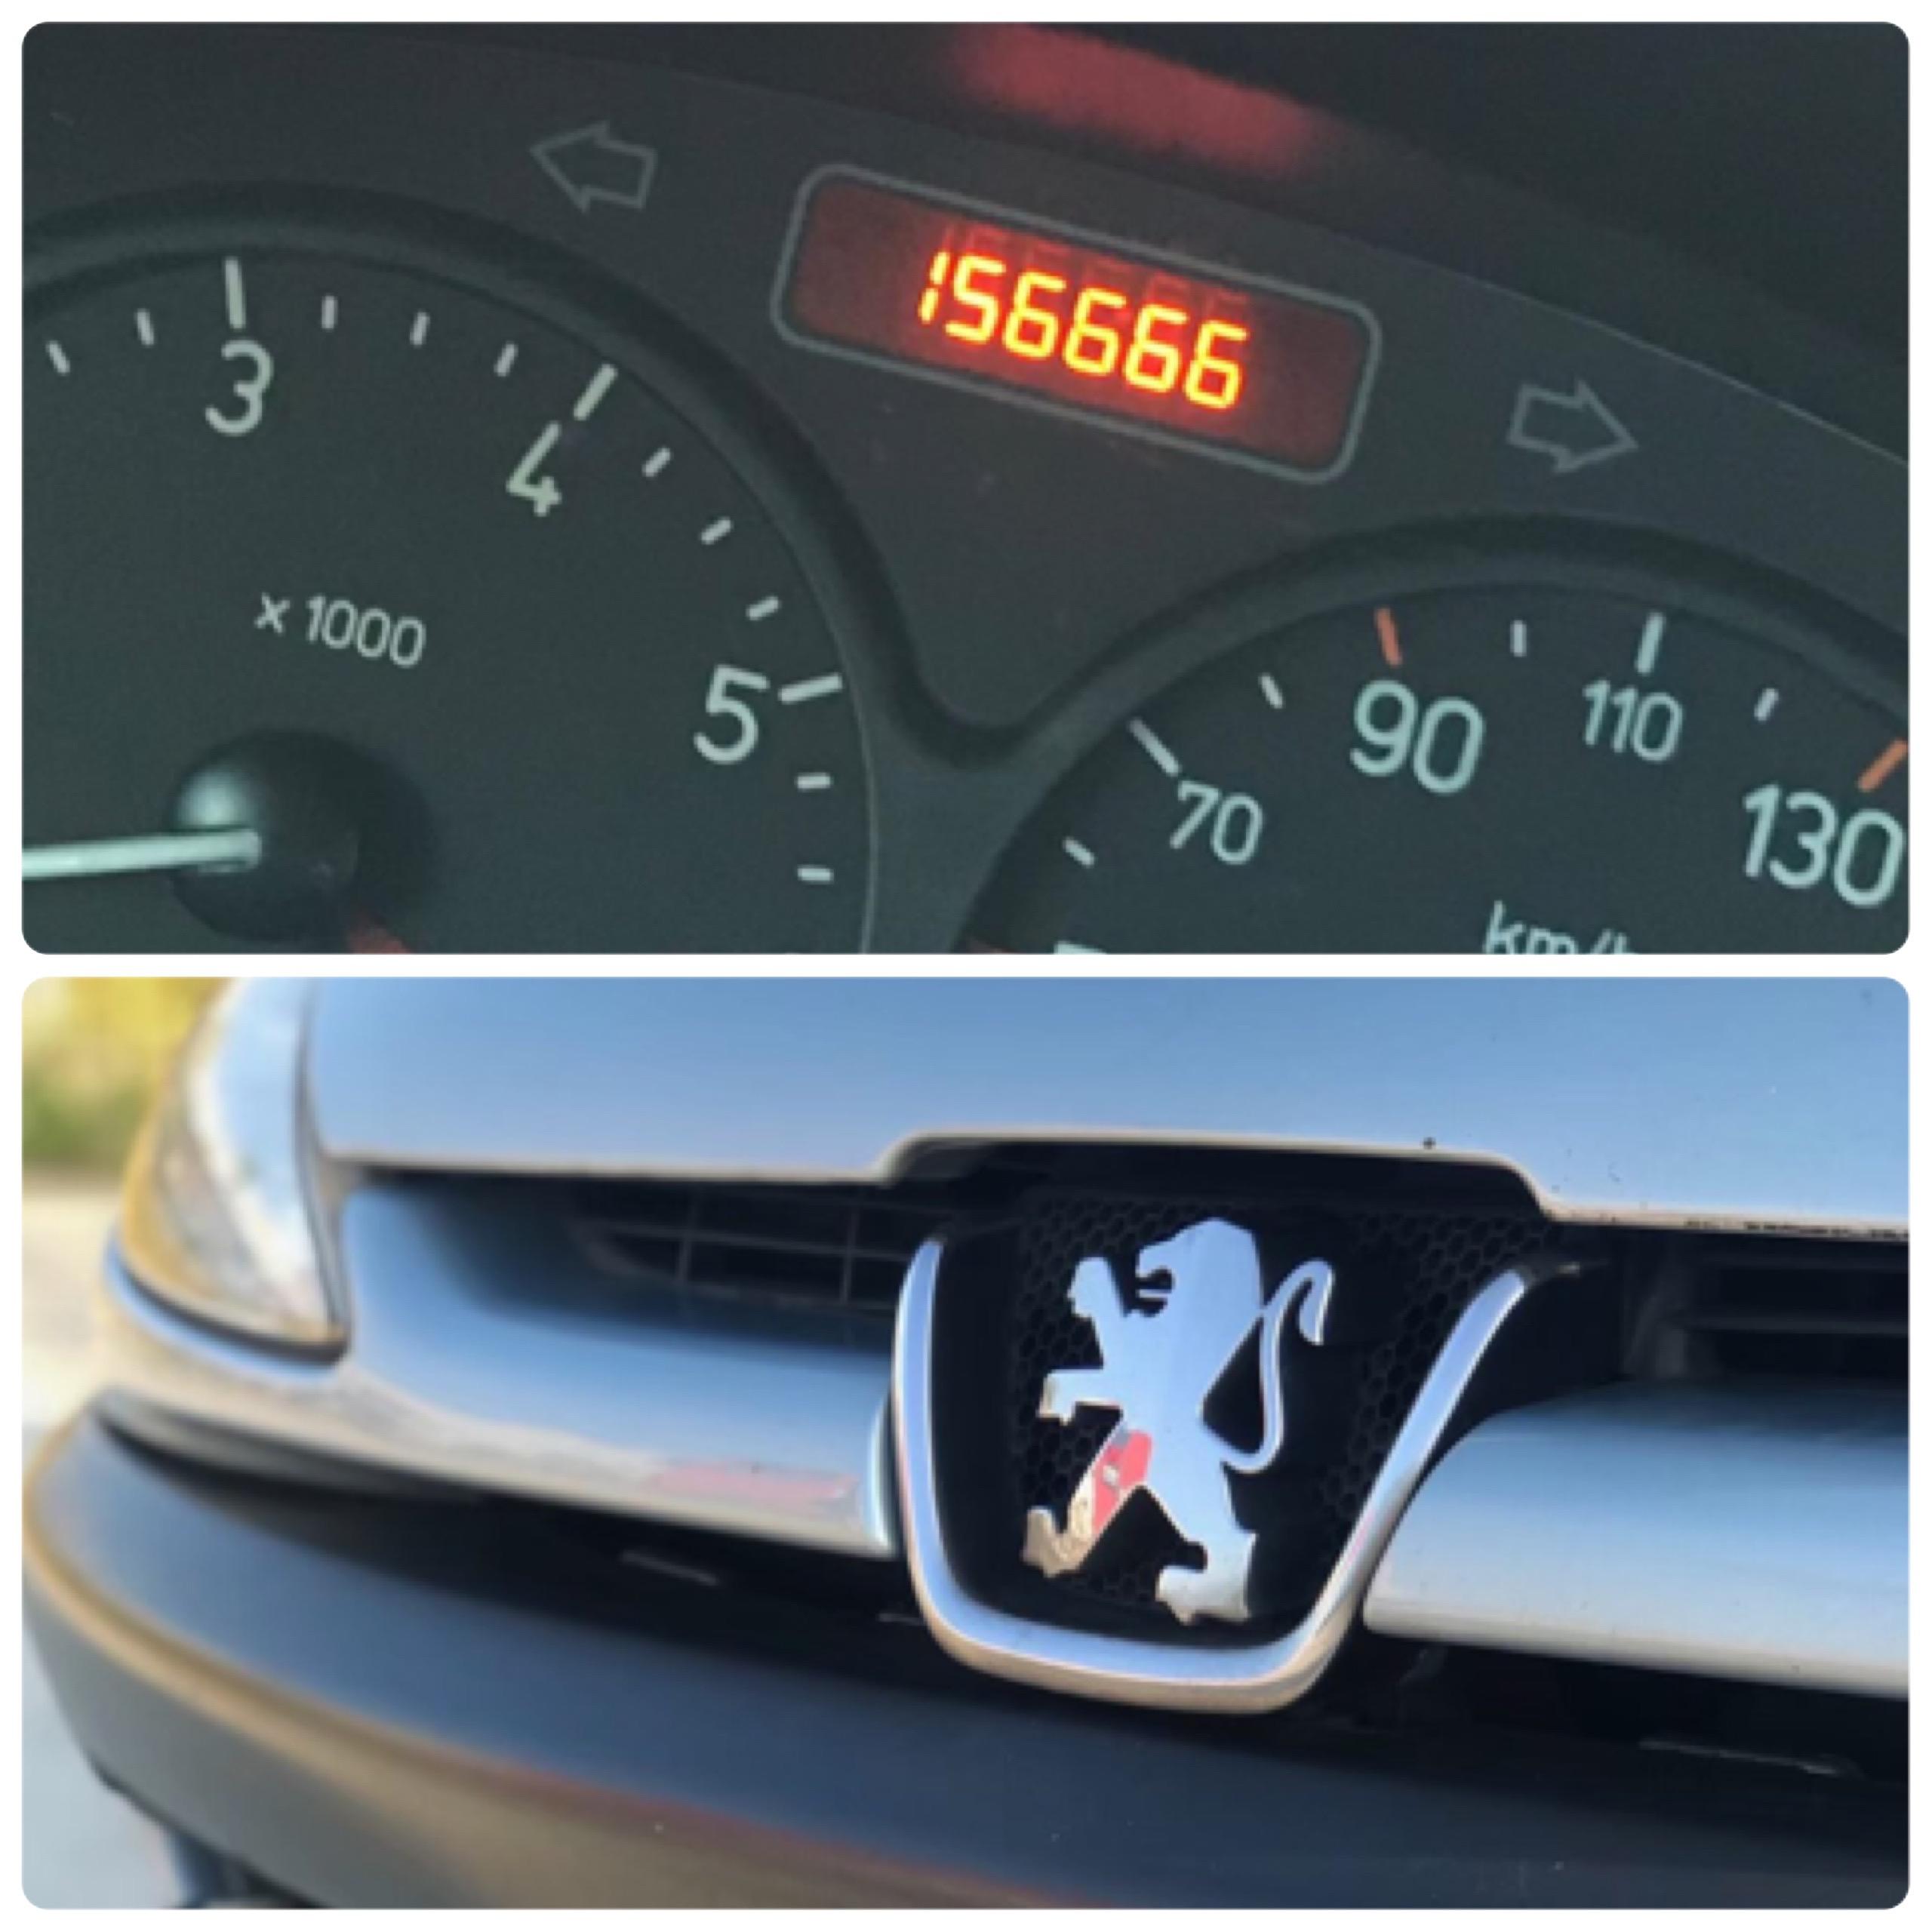 ▲張耀中的Peugeot 206中古車,雖然里程數較高,但是外觀內裝,整體車況都不錯,購入後沒什麼問題。